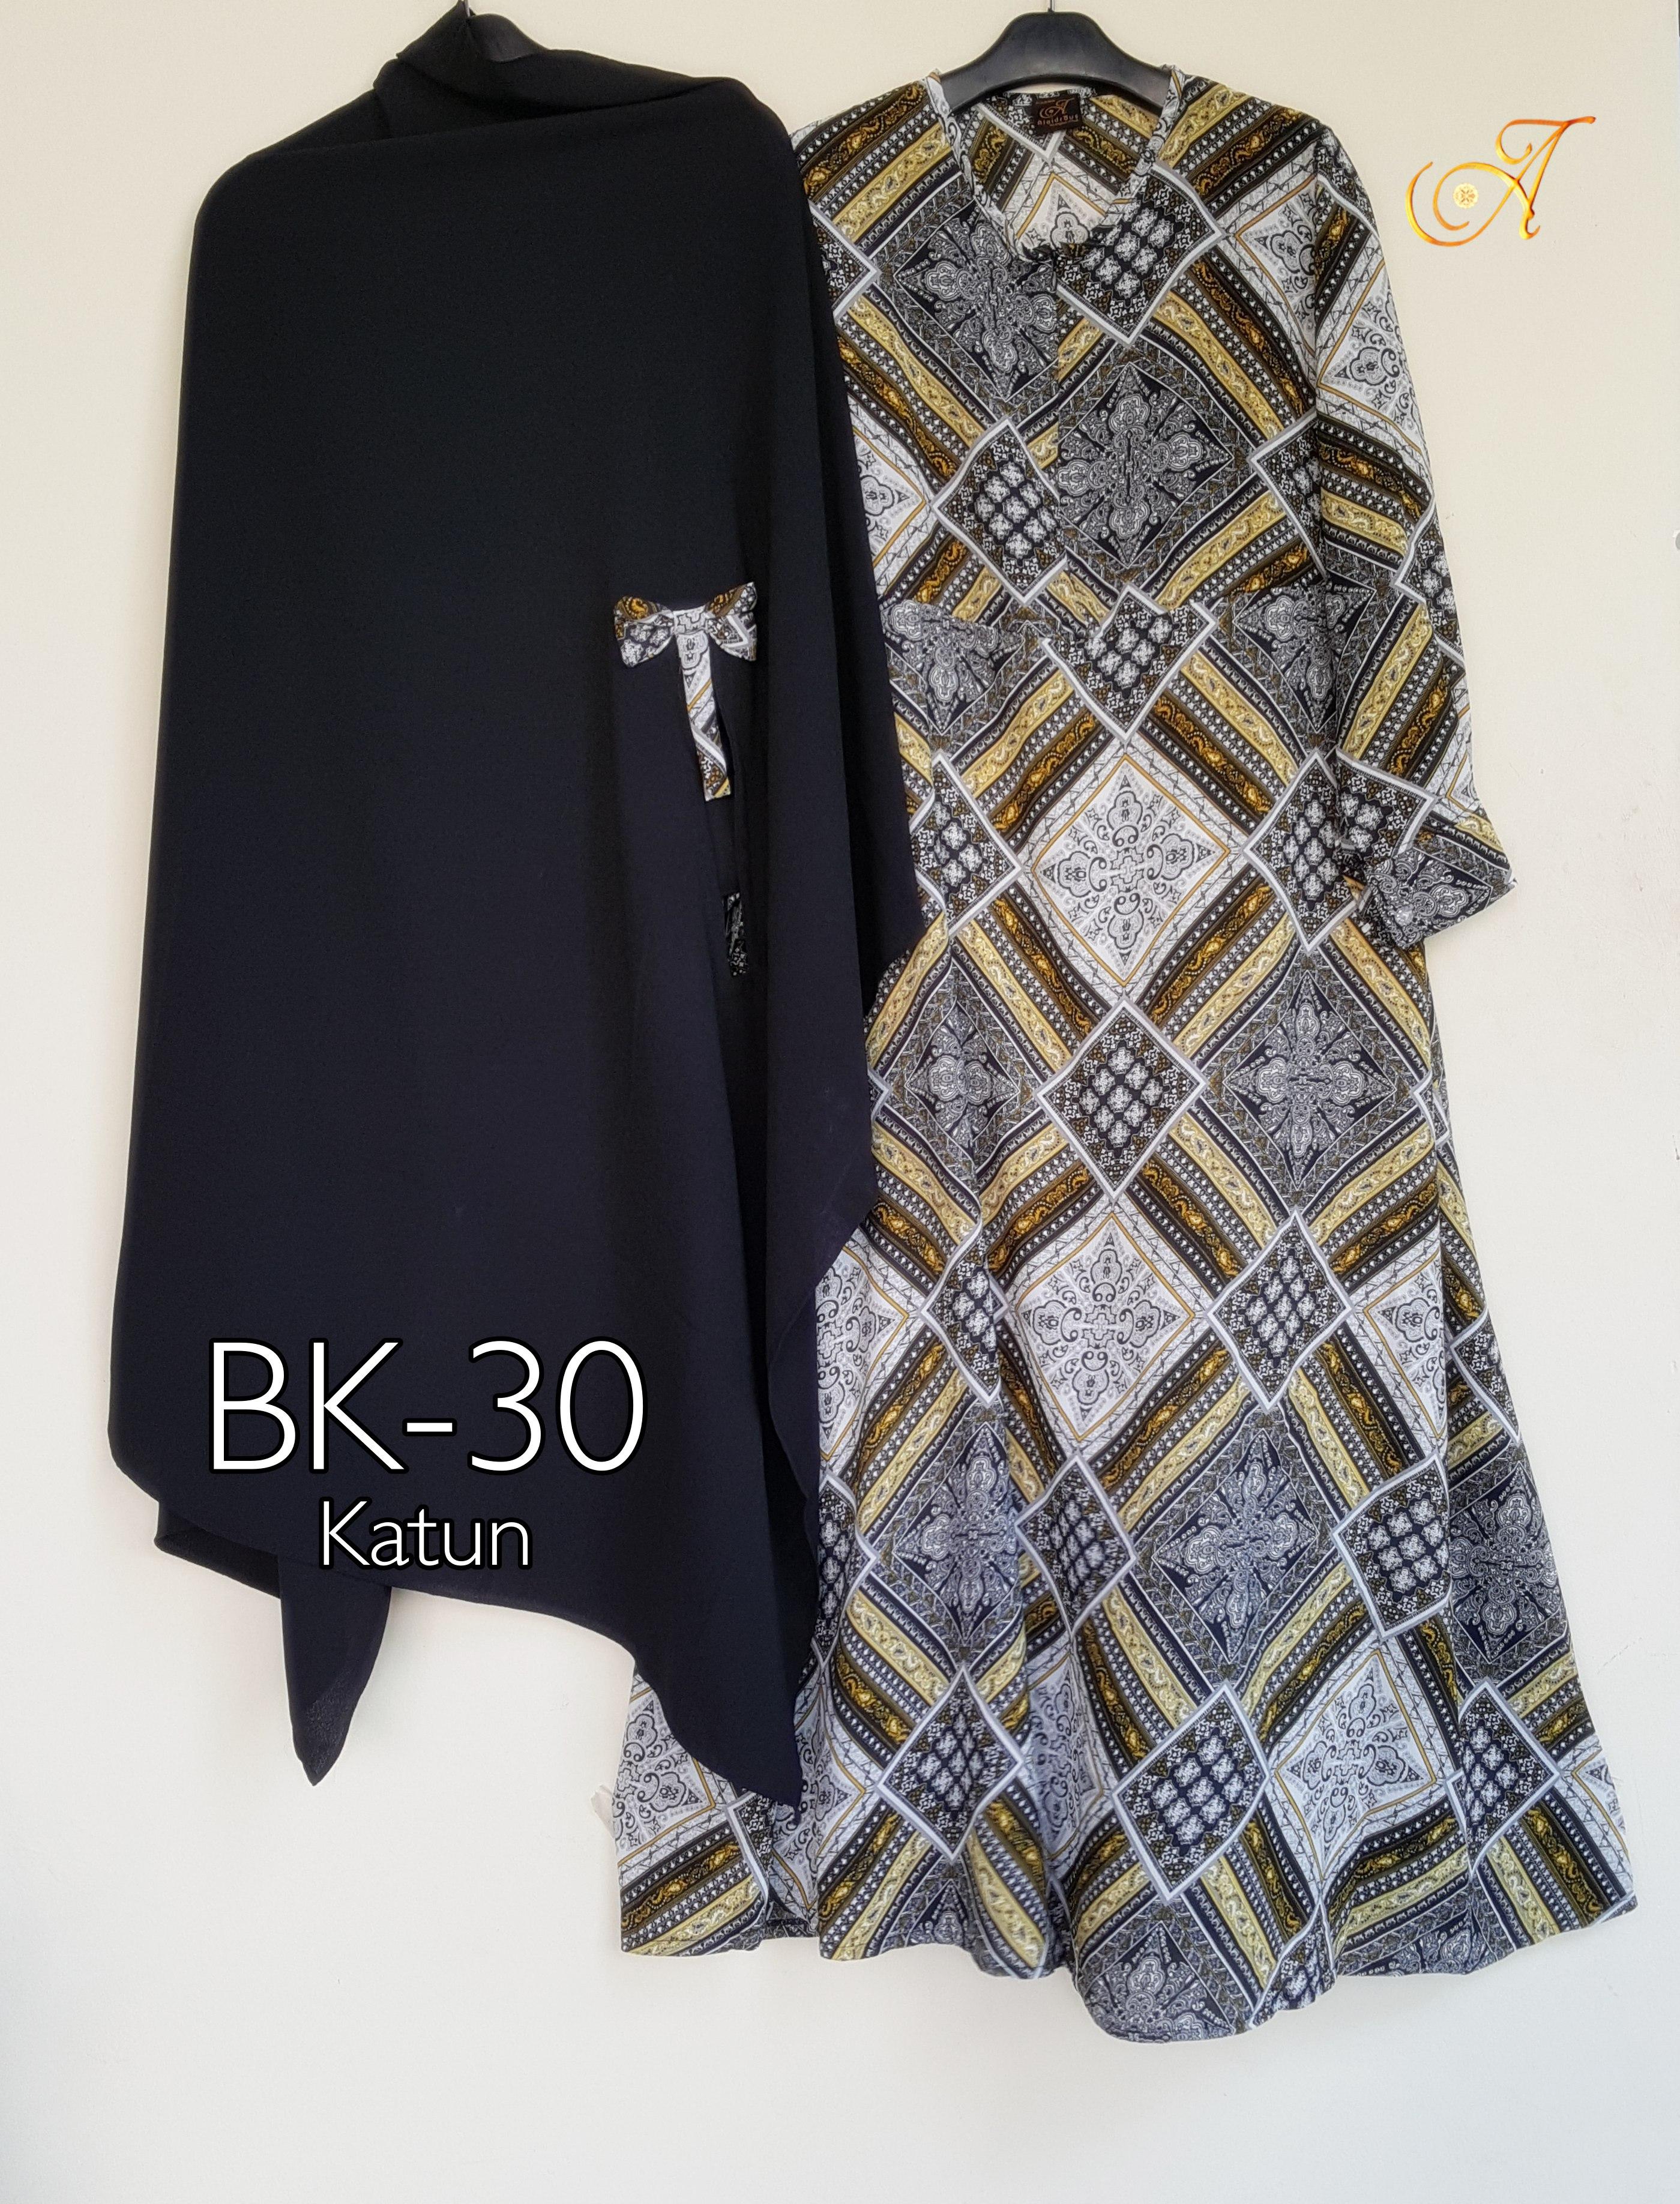 BK-30 hitam